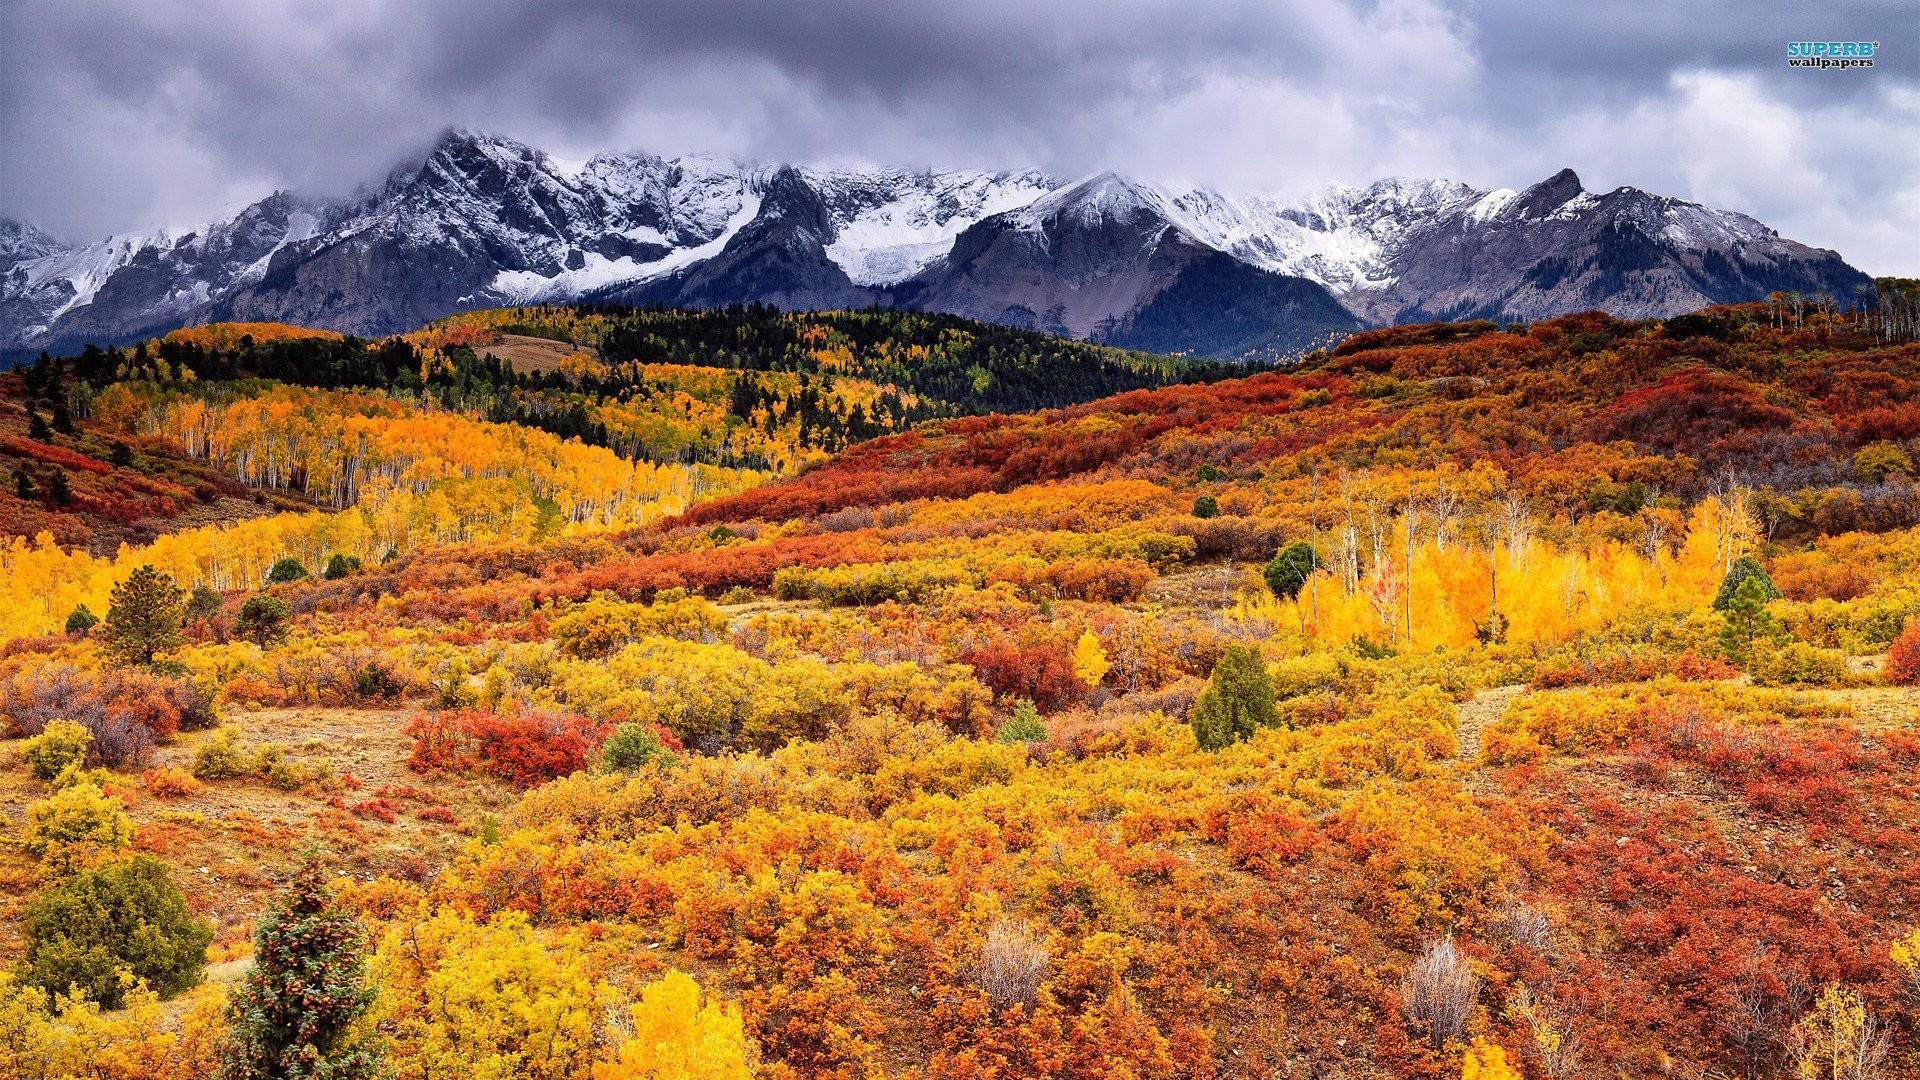 Sfondi desktop autunno 49 immagini for Sfondi autunno hd